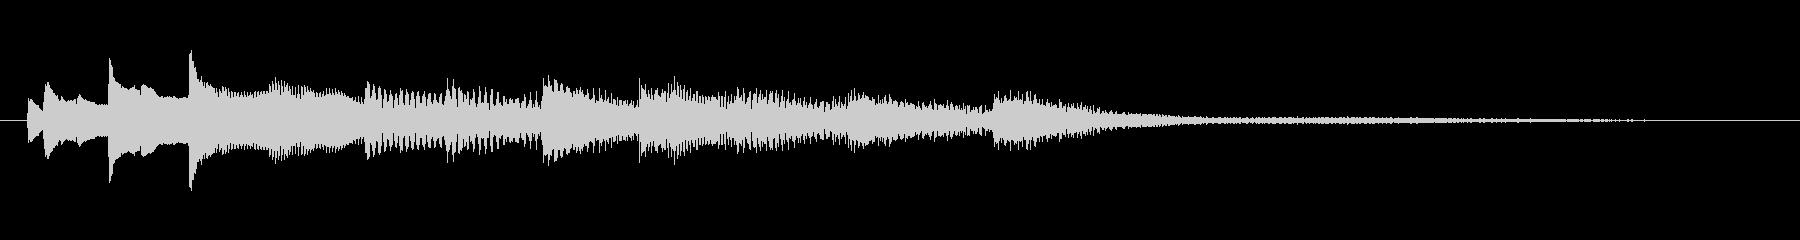 ピアノによるアンビエント音の未再生の波形